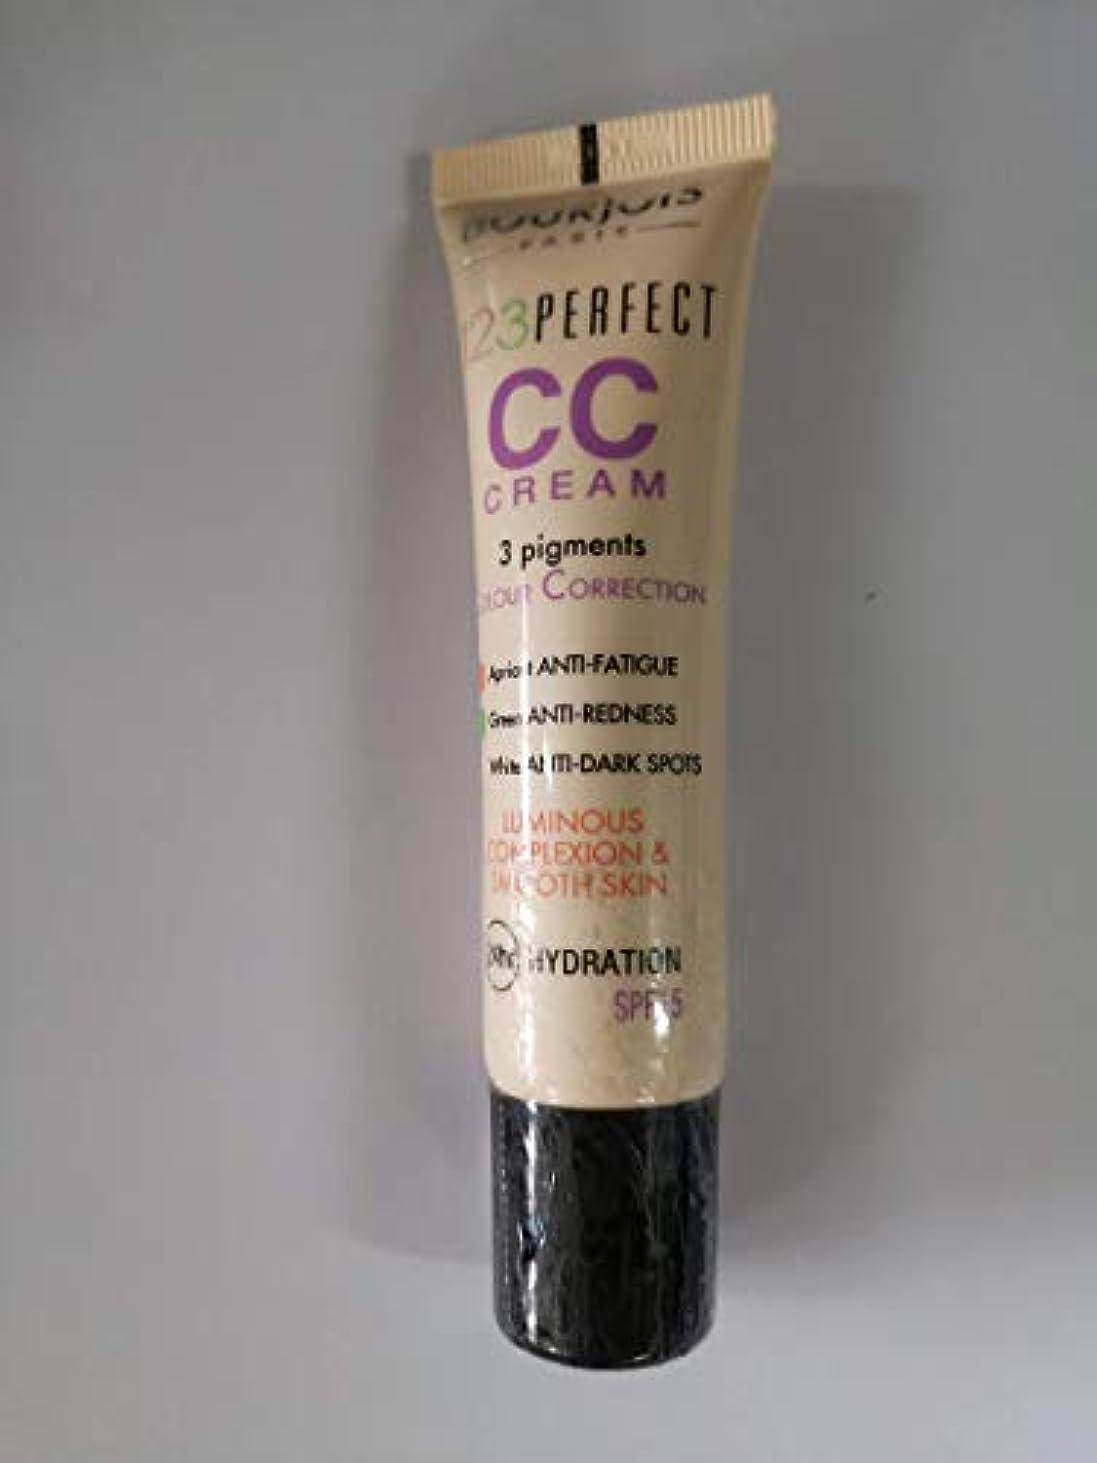 更新十分に説教BOURJOIS 32クレア1PC CCクリームクリームクリーム表皮効果: - 24時間の水和